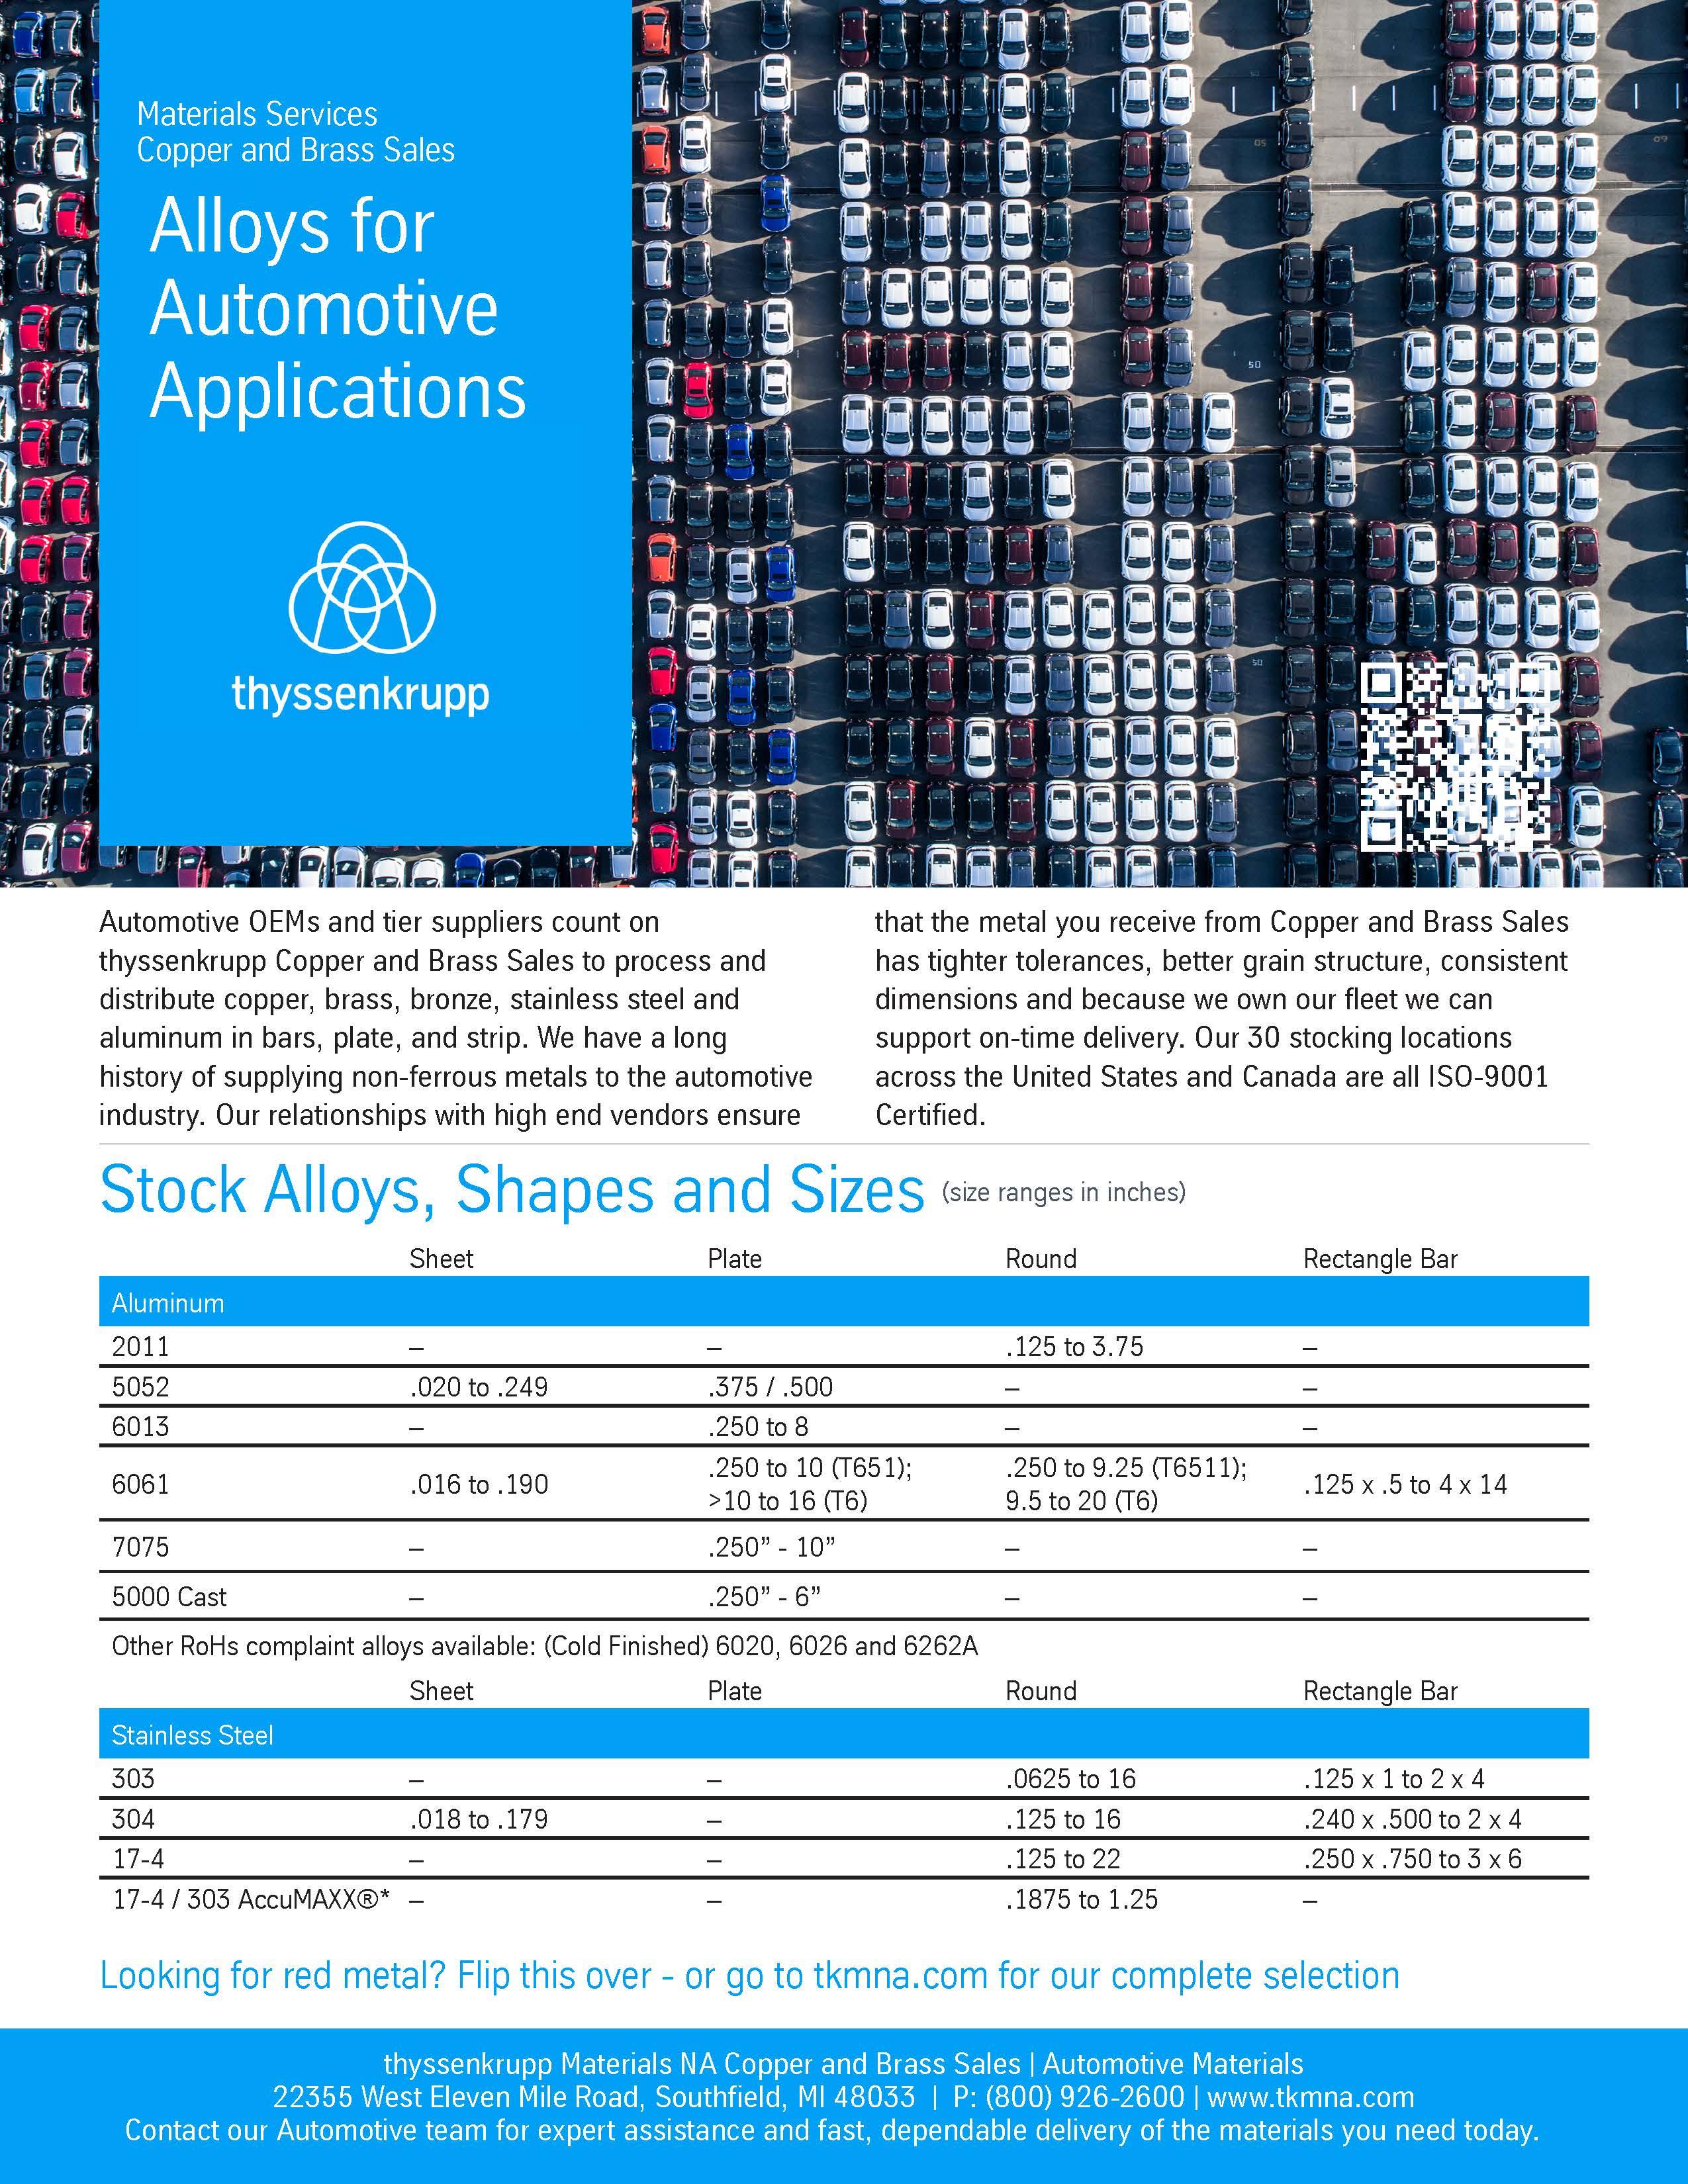 automotive alloys brochure